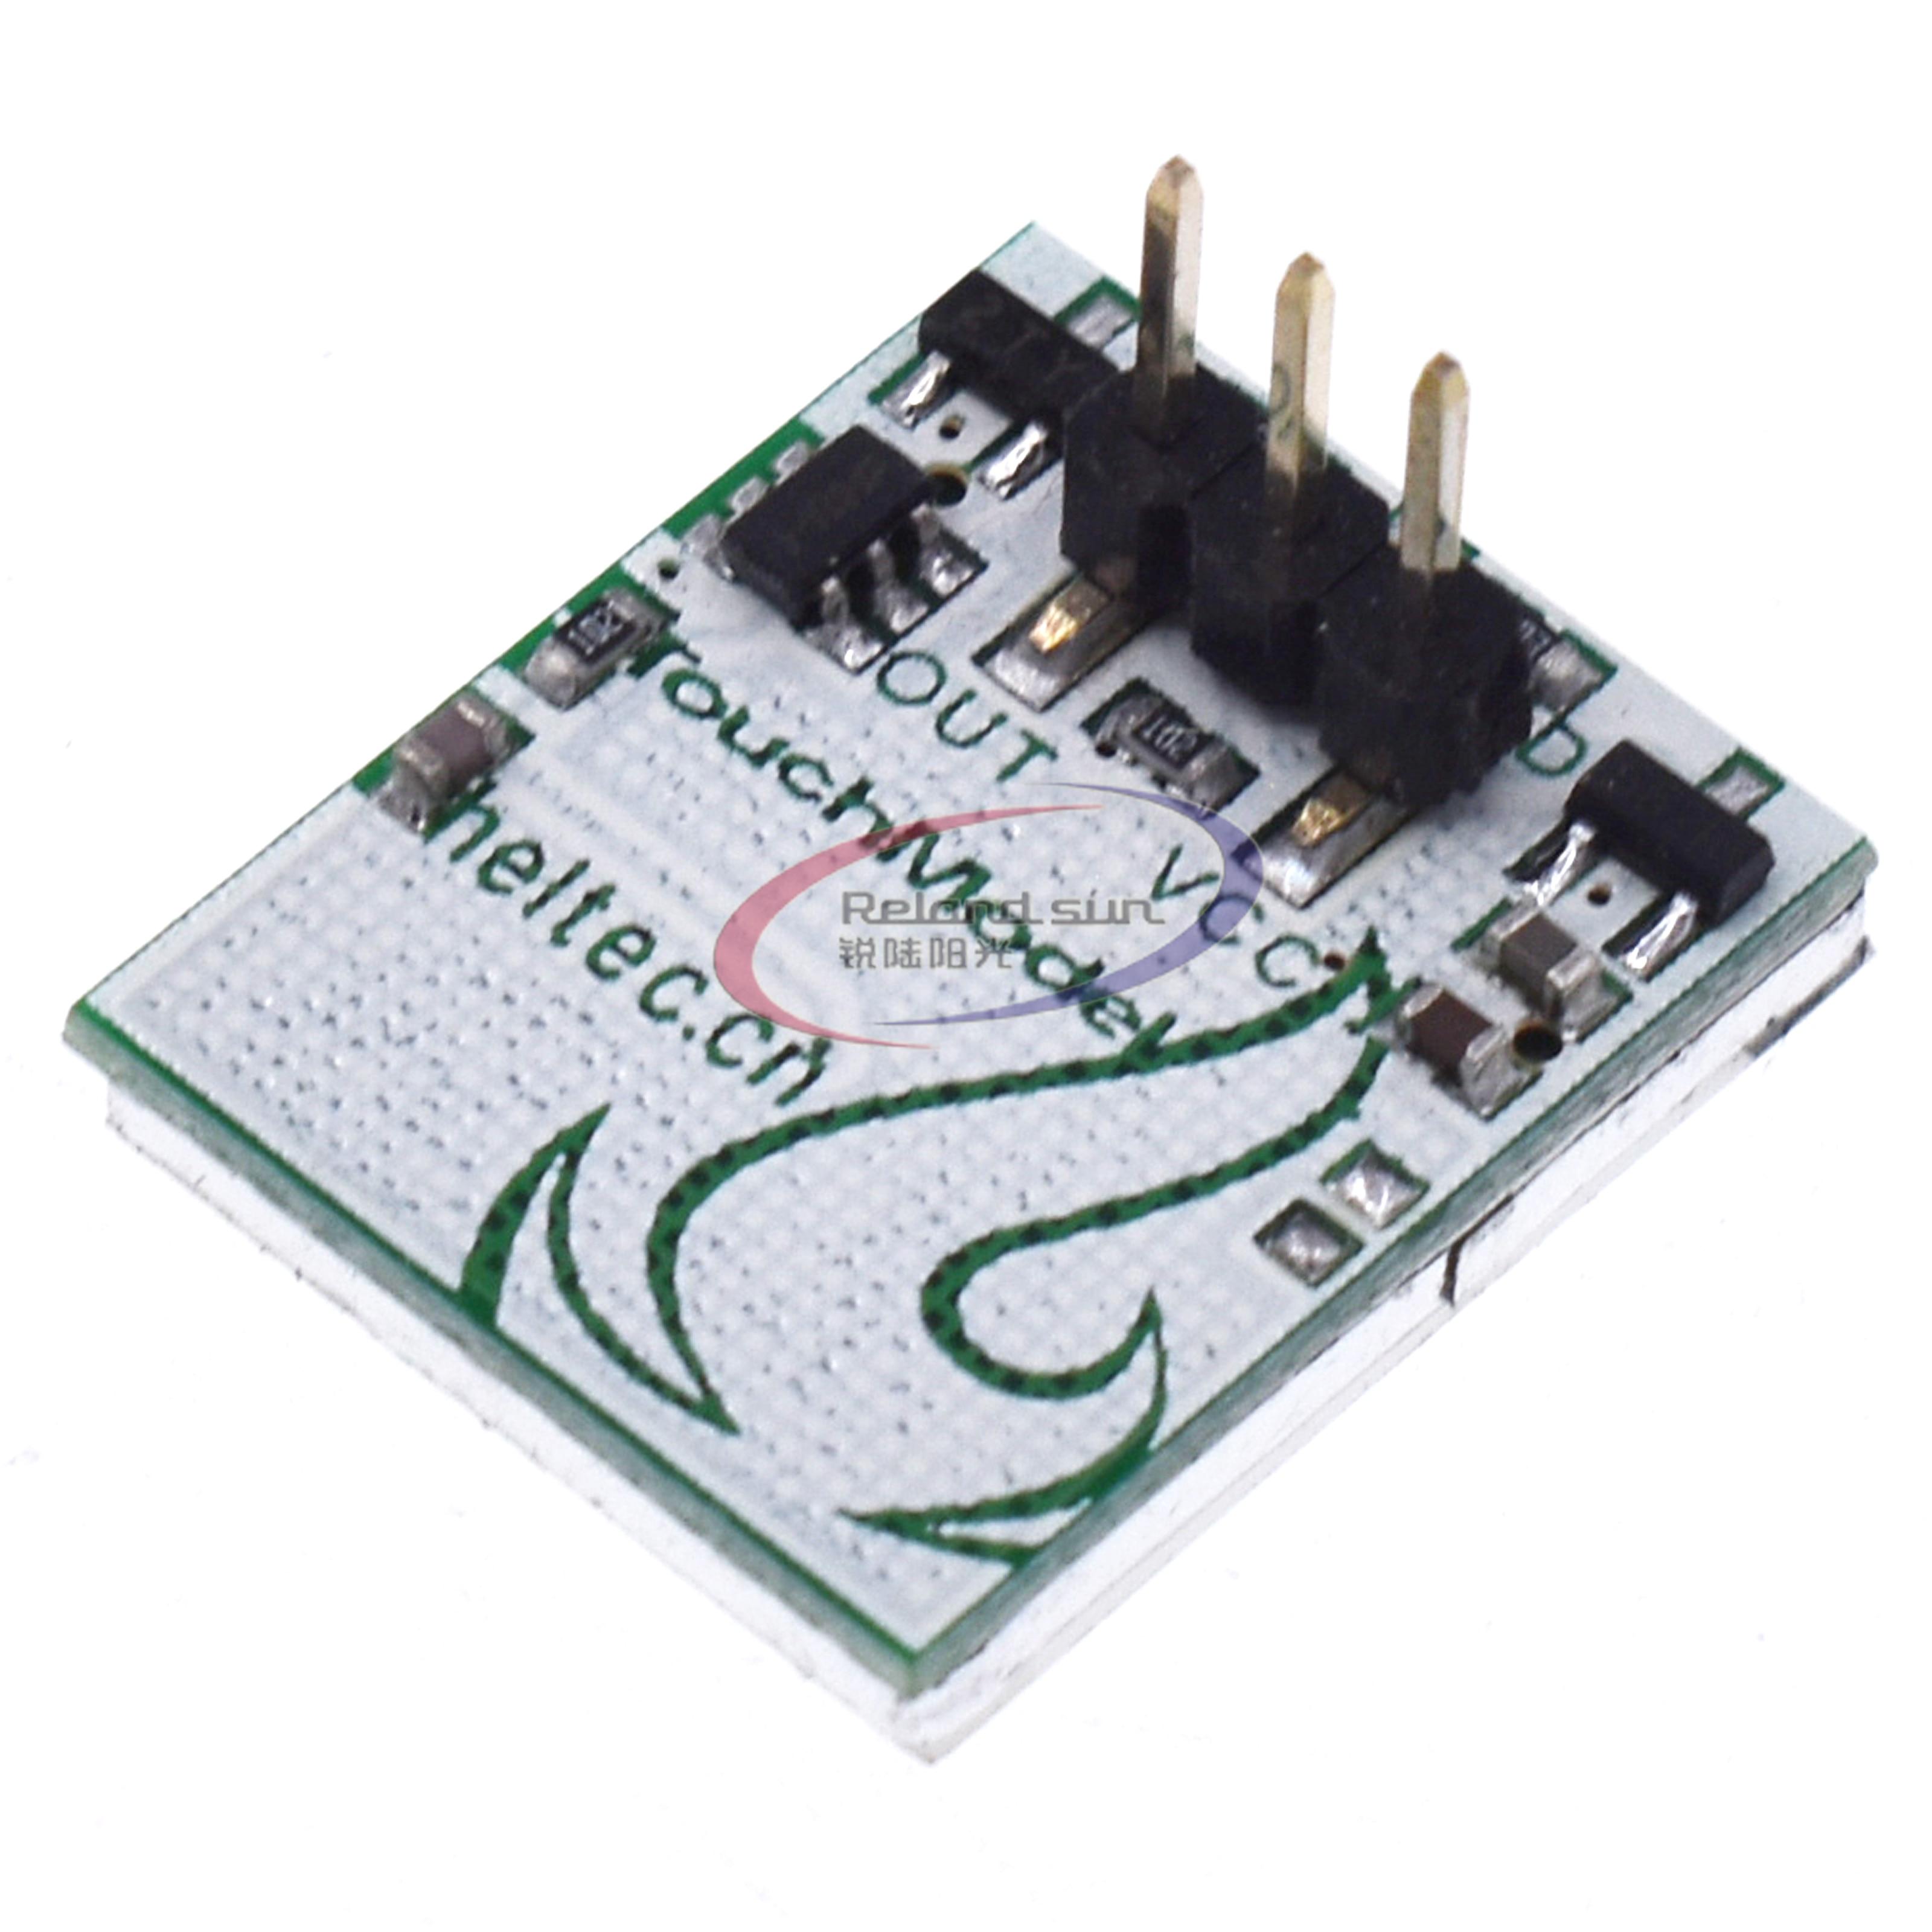 Емкостный модуль сенсорного переключателя, серия файтм, 2,7 в-6 в, мощное противопомеховое покрытие, красный, зеленый, желтый, желтый, цветной ...